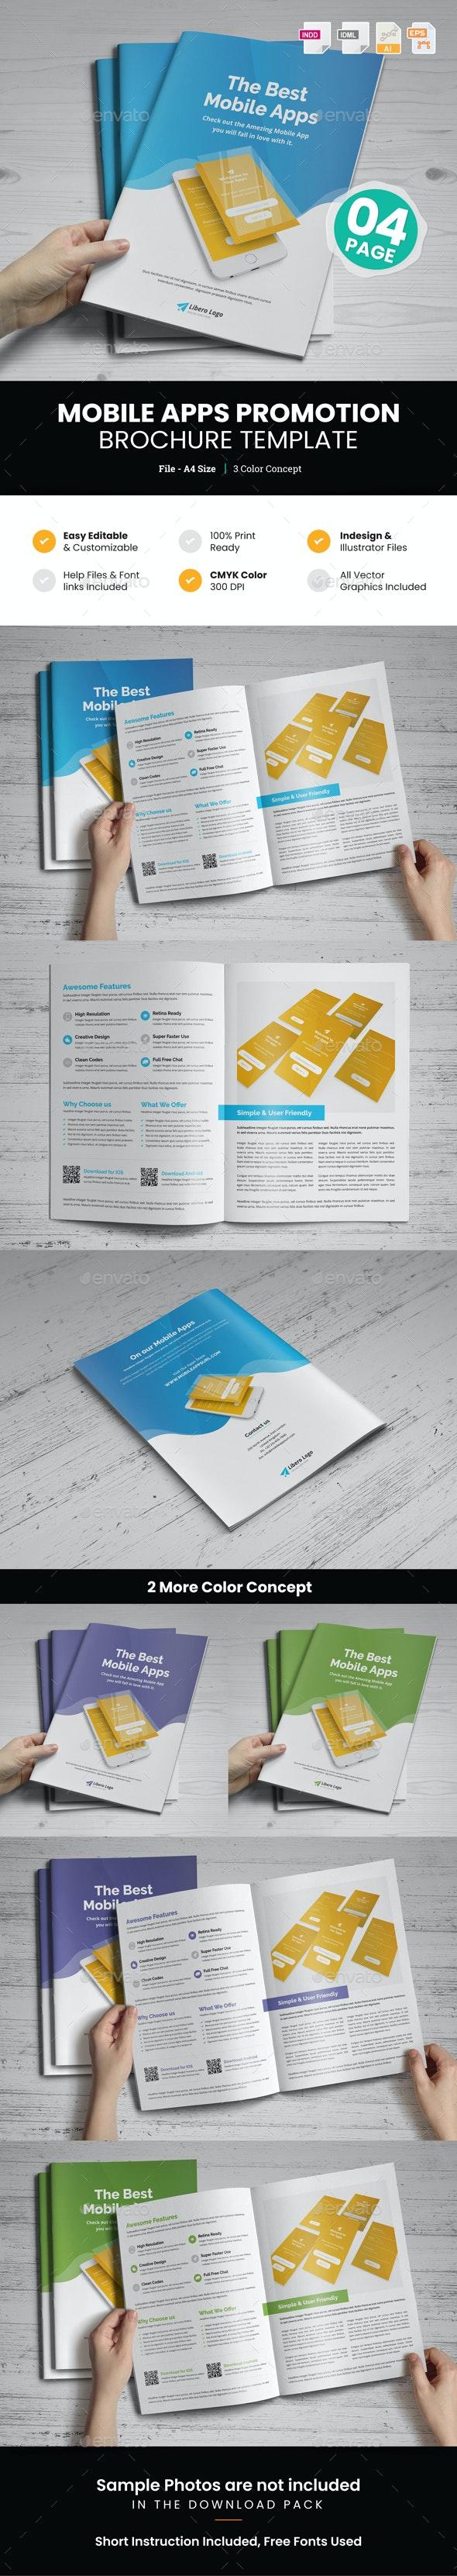 Mobile Apps Promotion Brochure v1 - Corporate Brochures